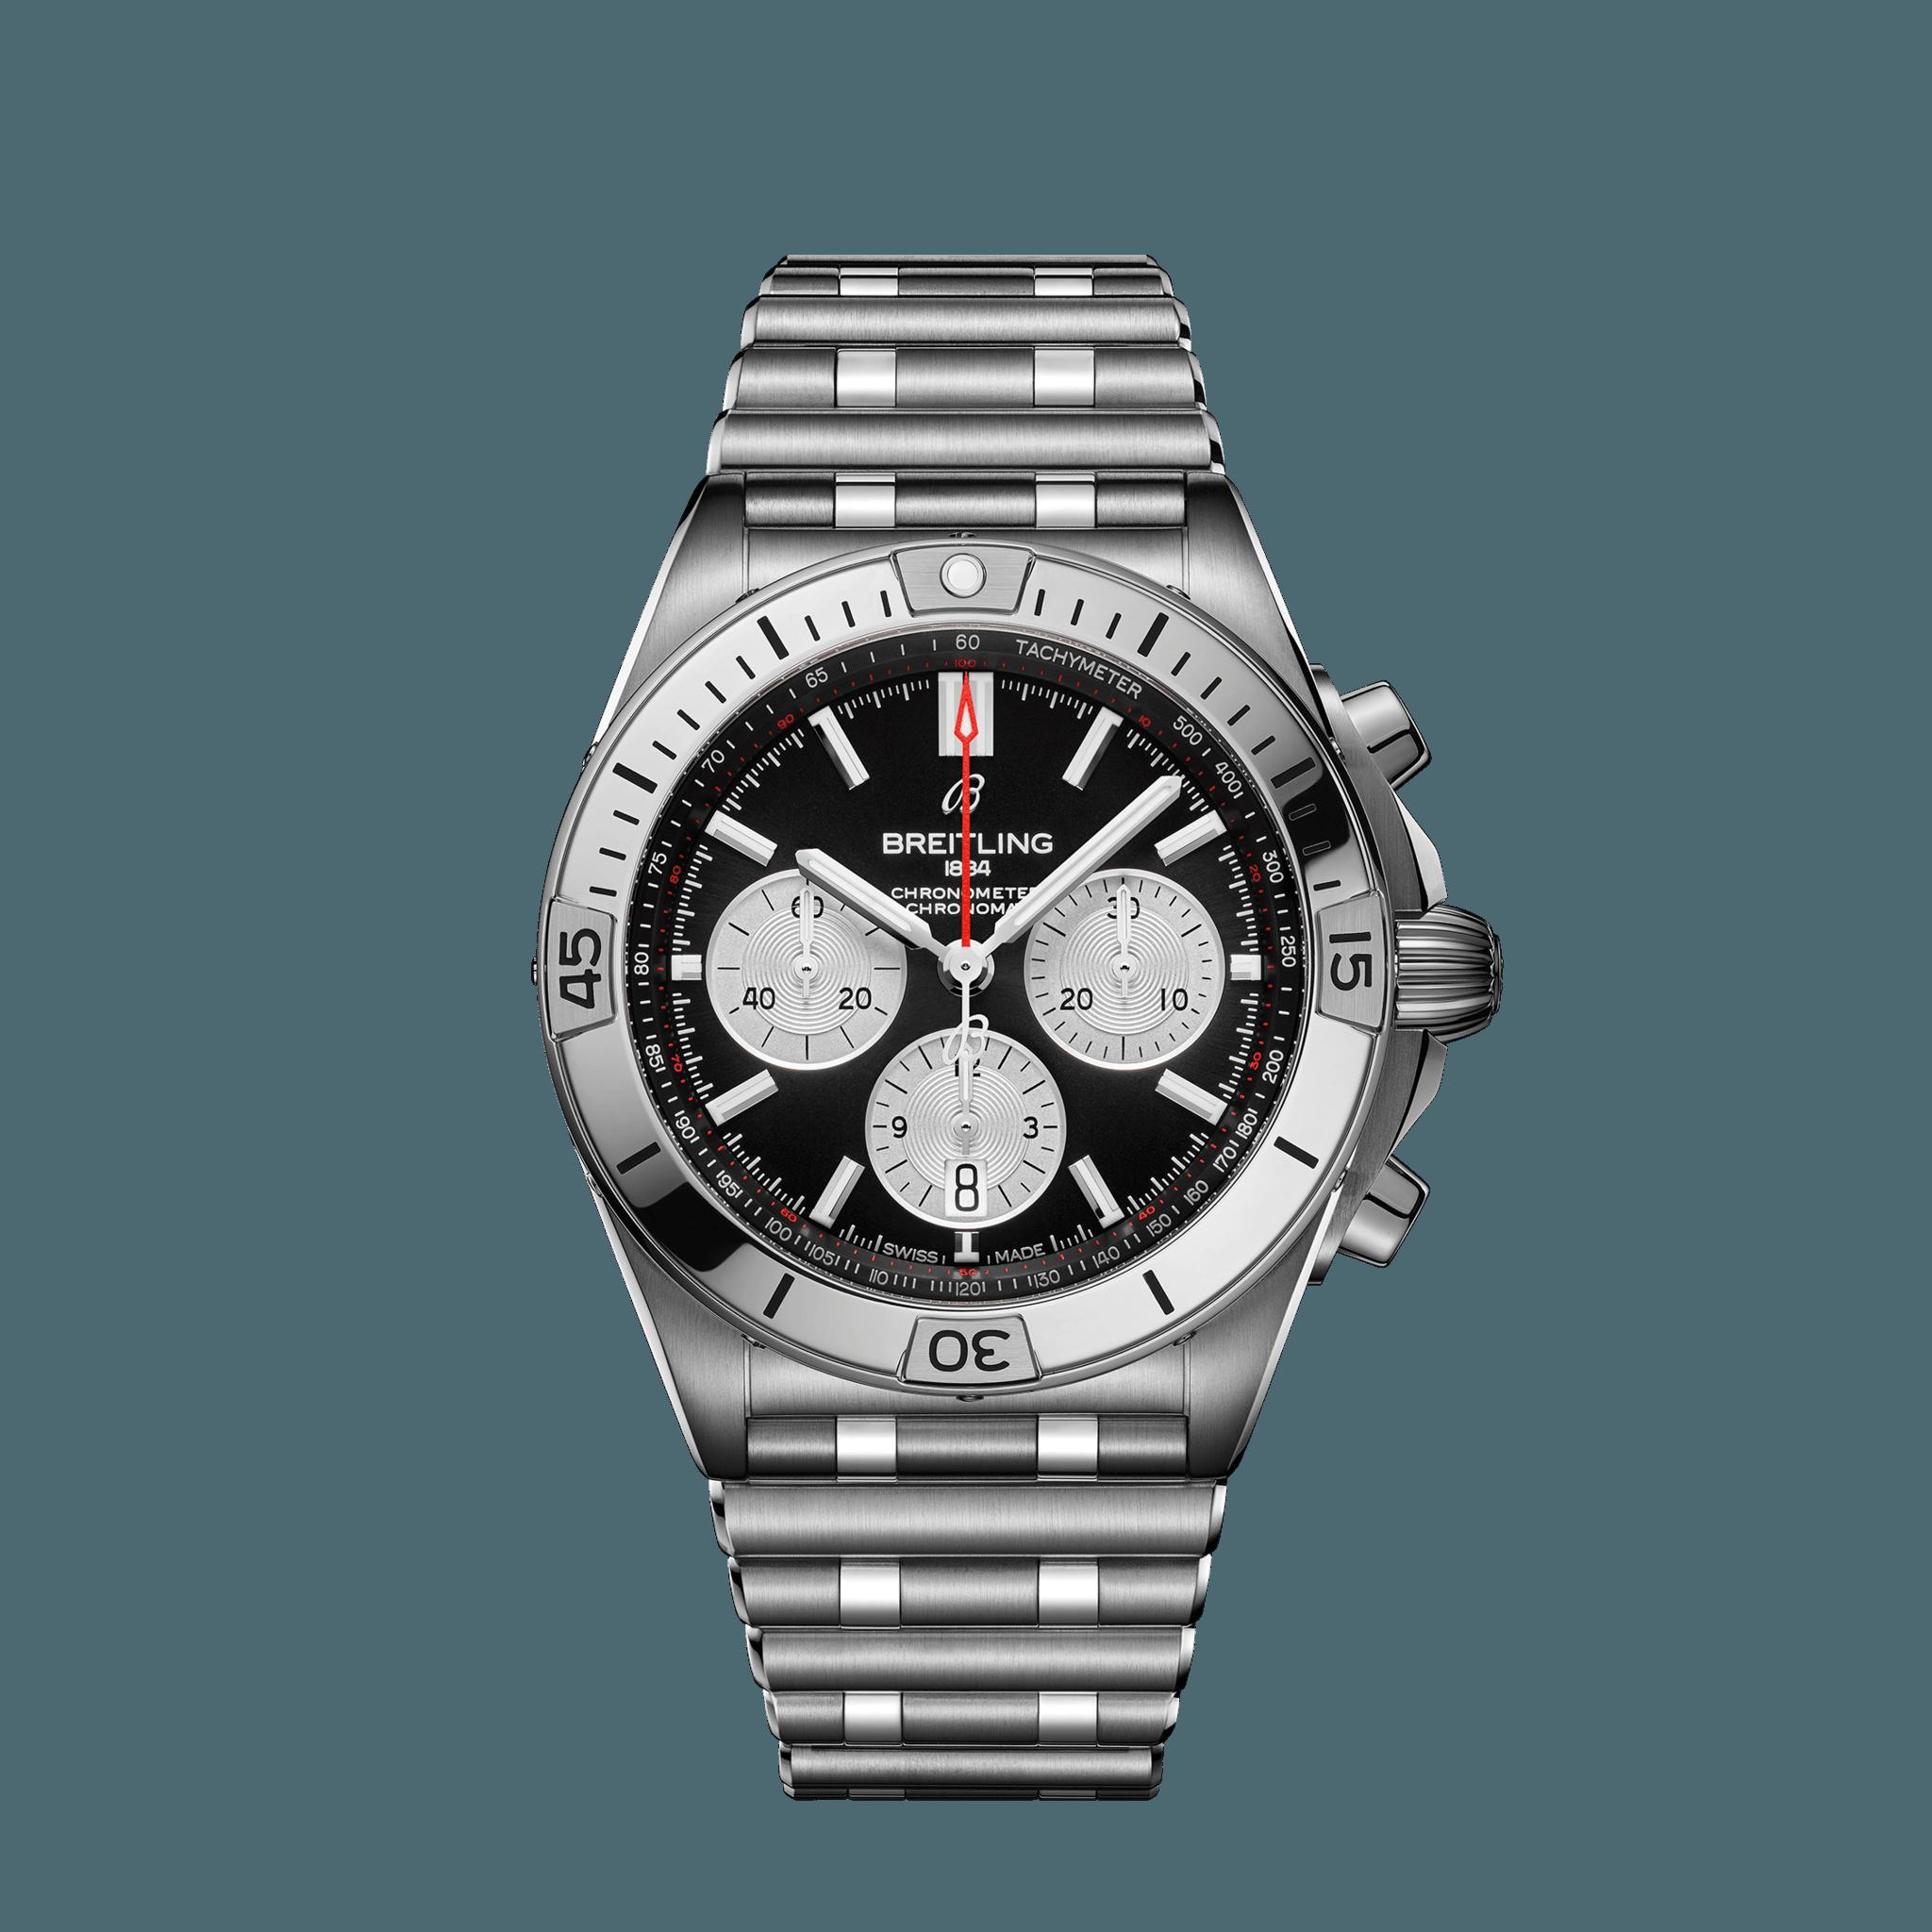 Breitling Chronomat B01 42 - schwarz